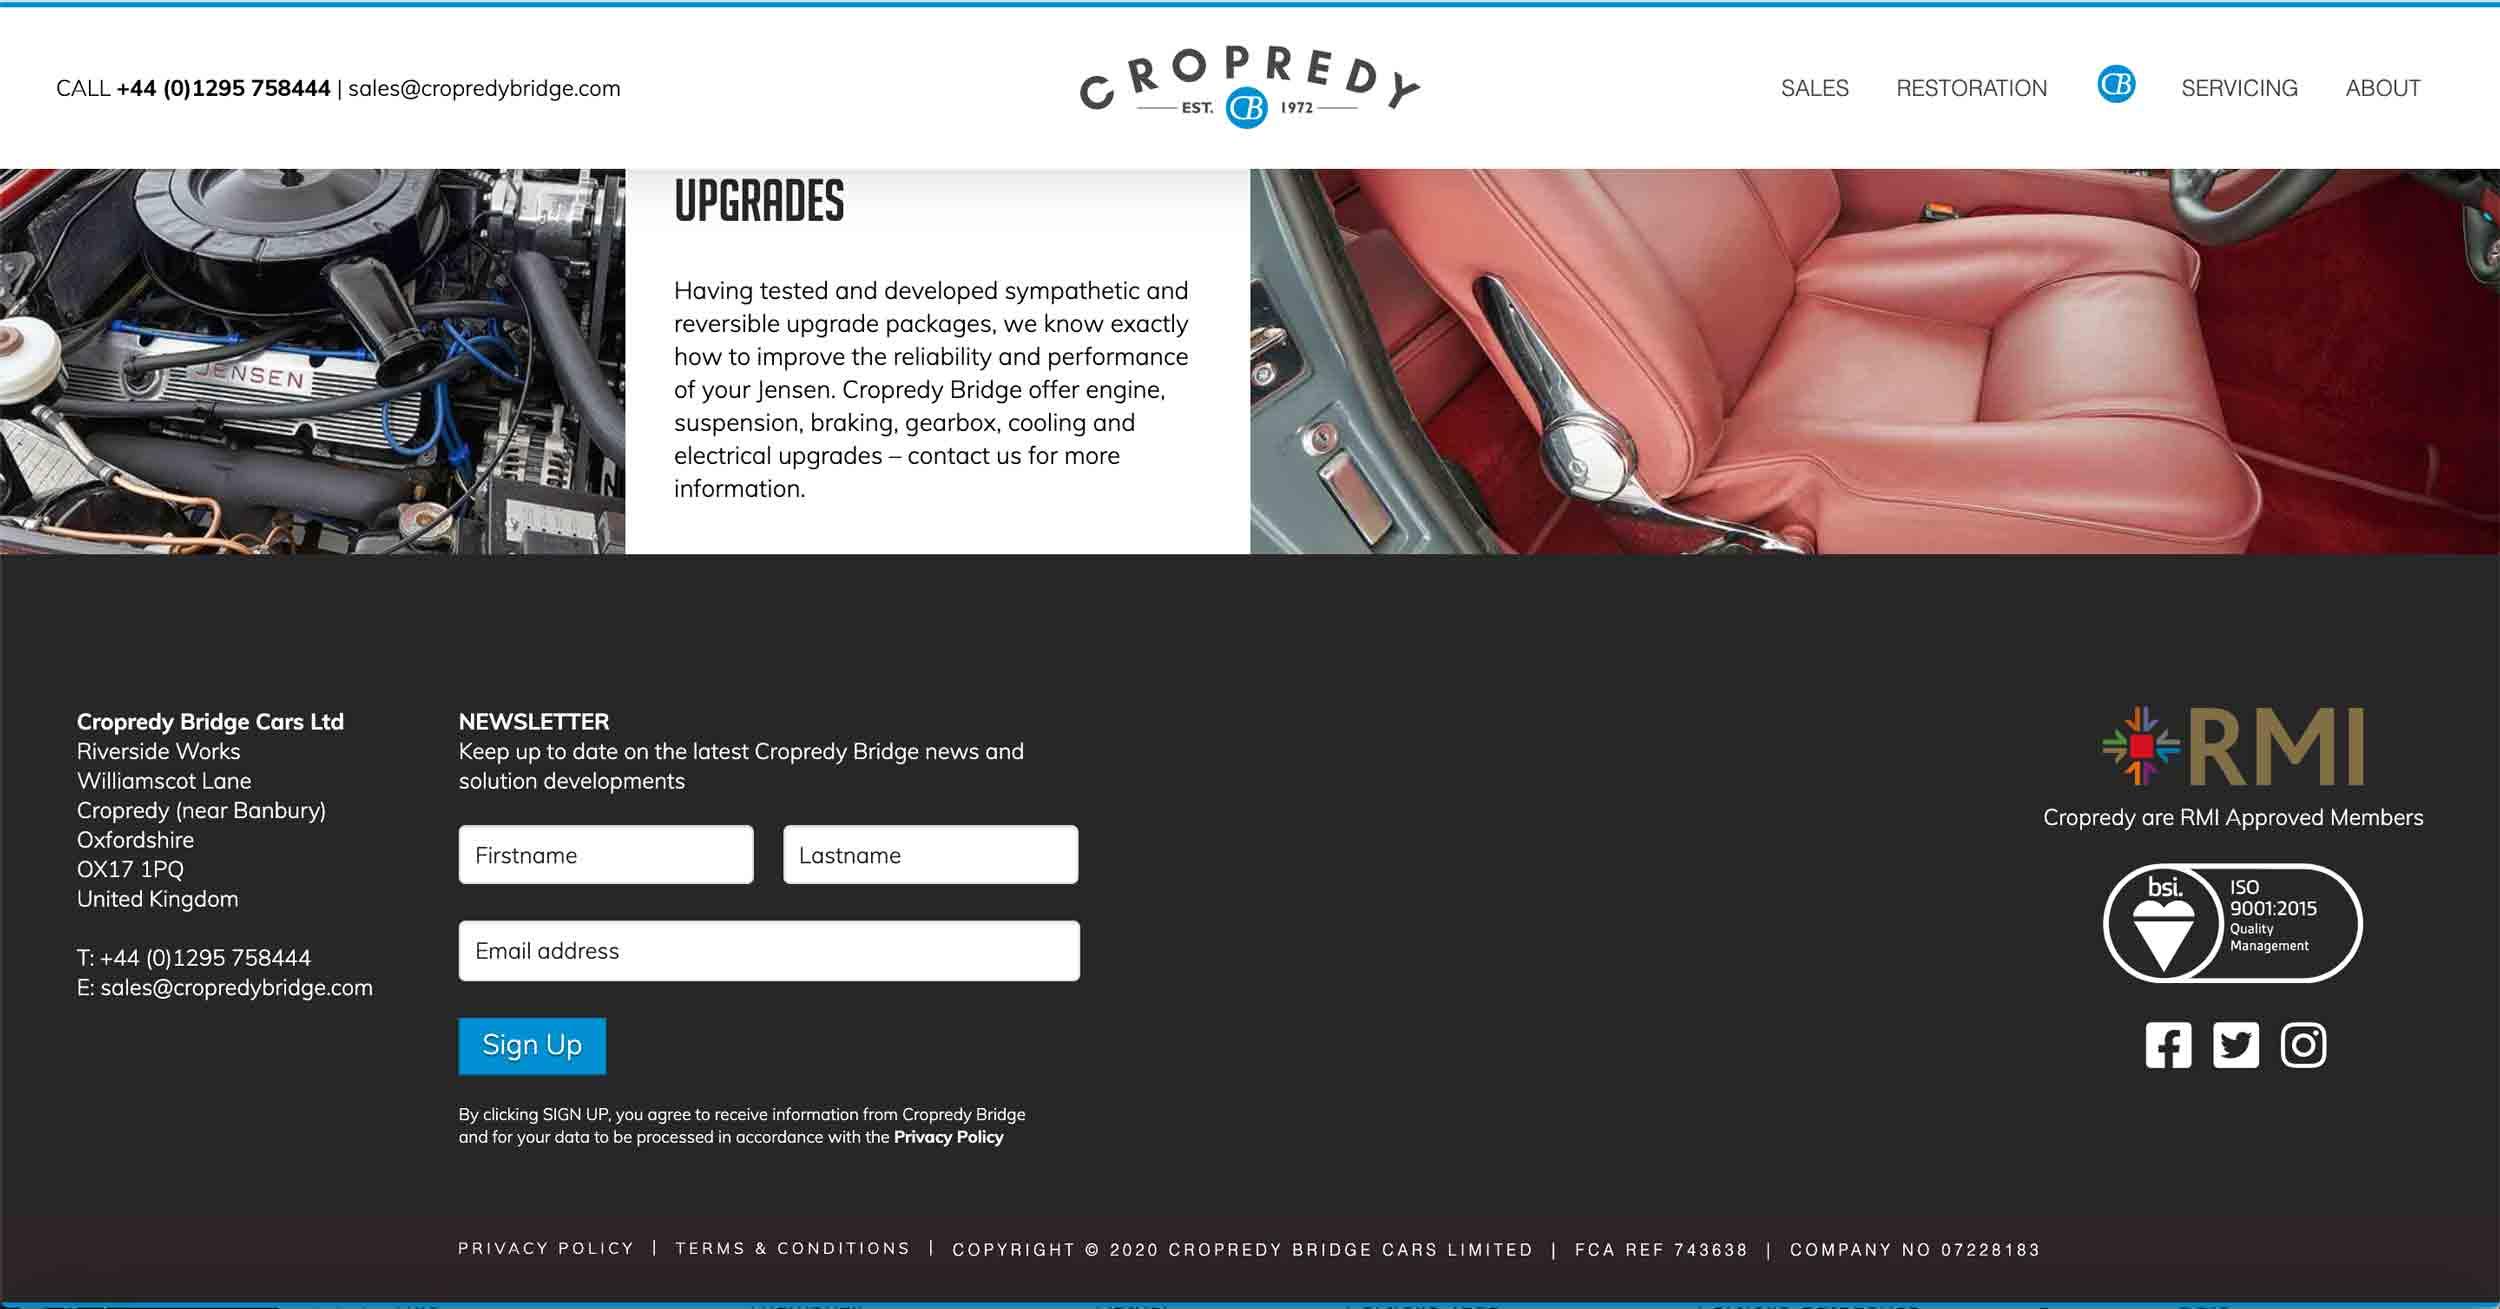 copredy bridge garage website development car restoration page design footer